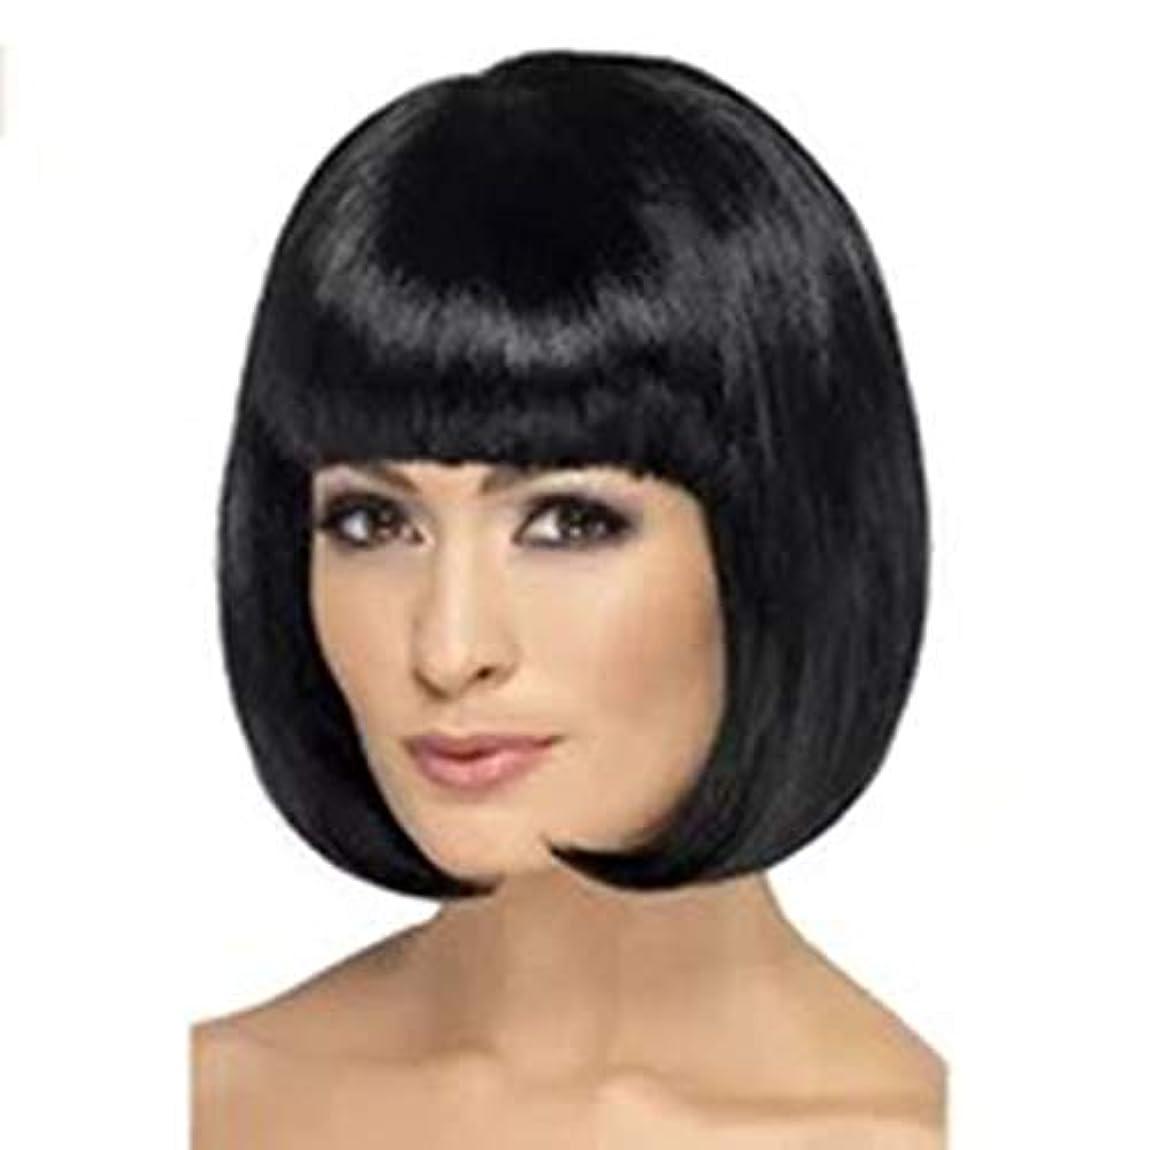 内部再集計サーフィンKerwinner ボブかつら女性のための平らな前髪ふわふわ自然耐熱交換かつら完全な合成かつら